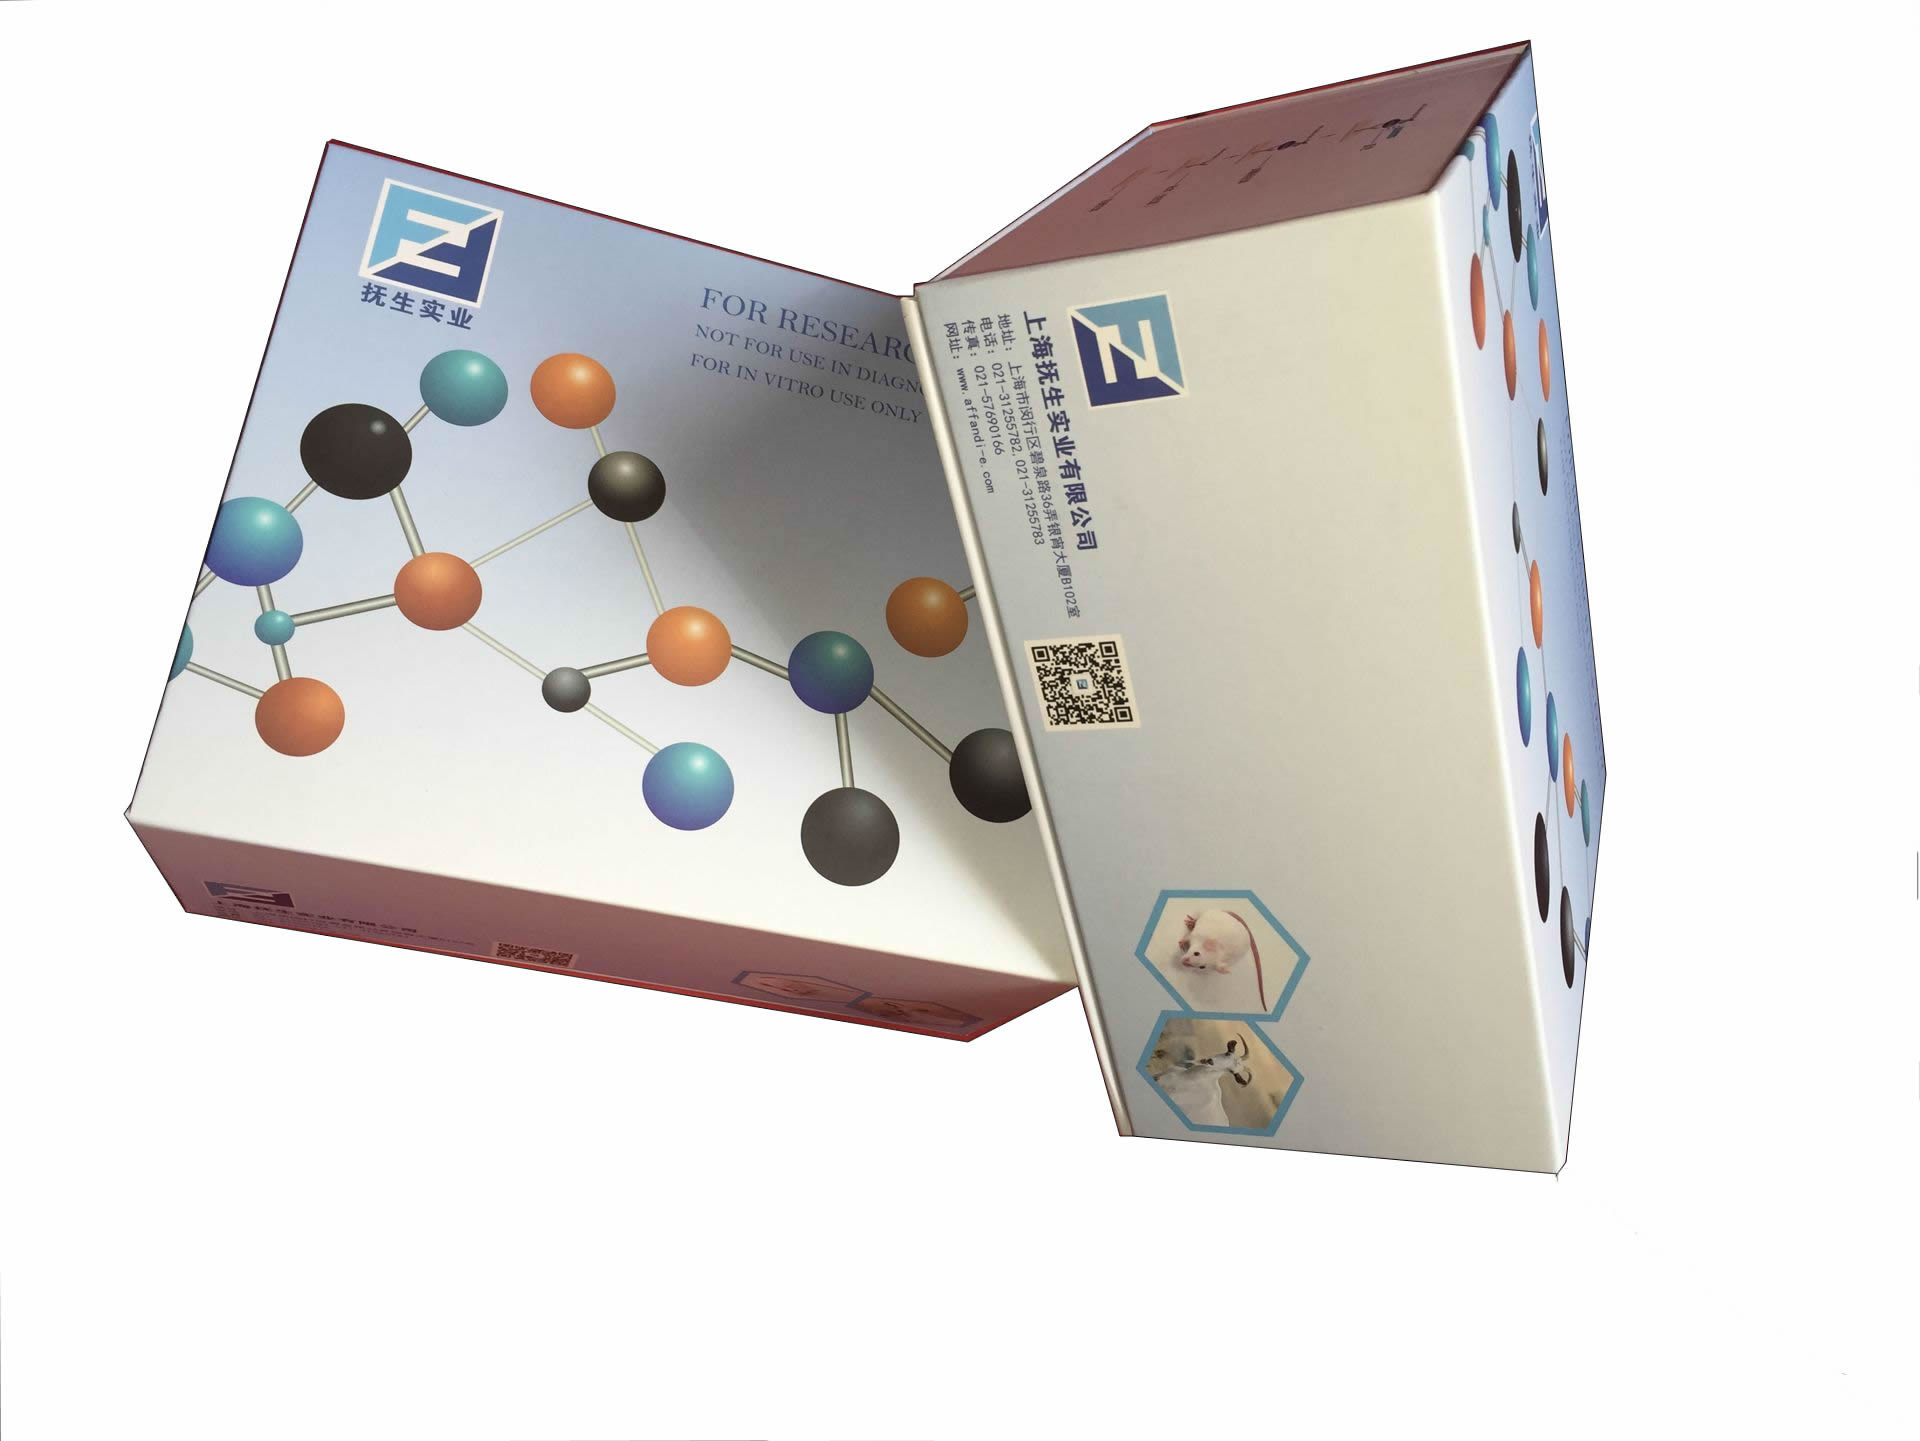 羧化基质谷氨酸蛋白检测试剂盒